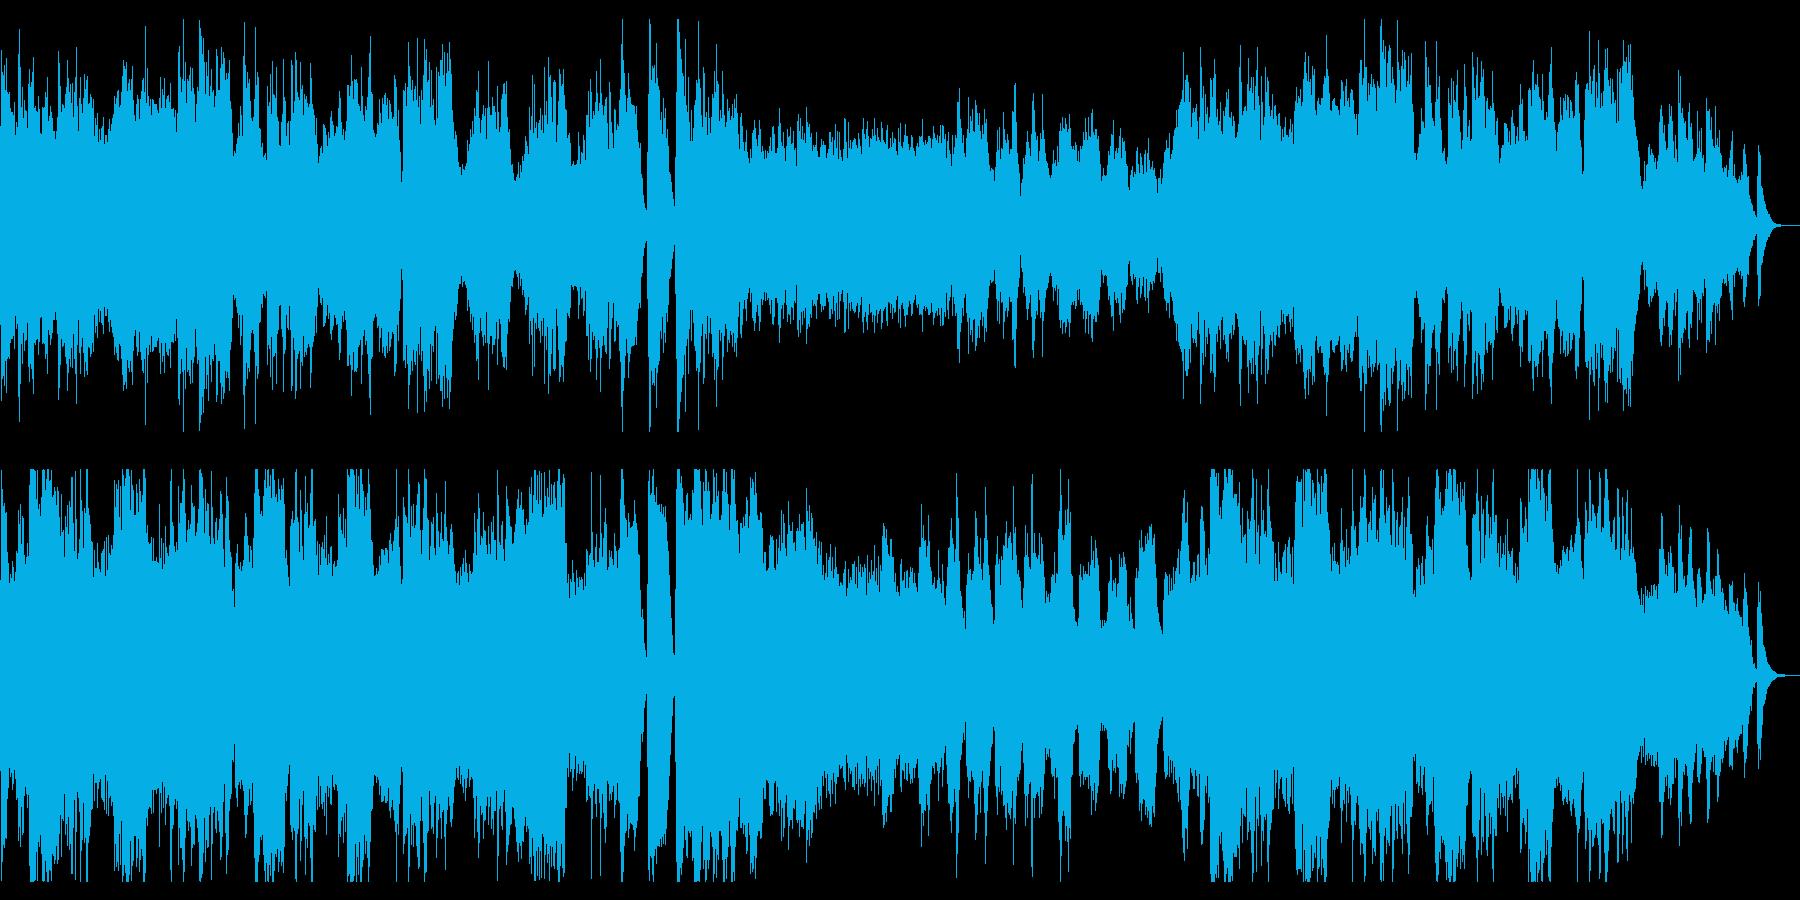 ハープとストリングスの幻想的BGMの再生済みの波形